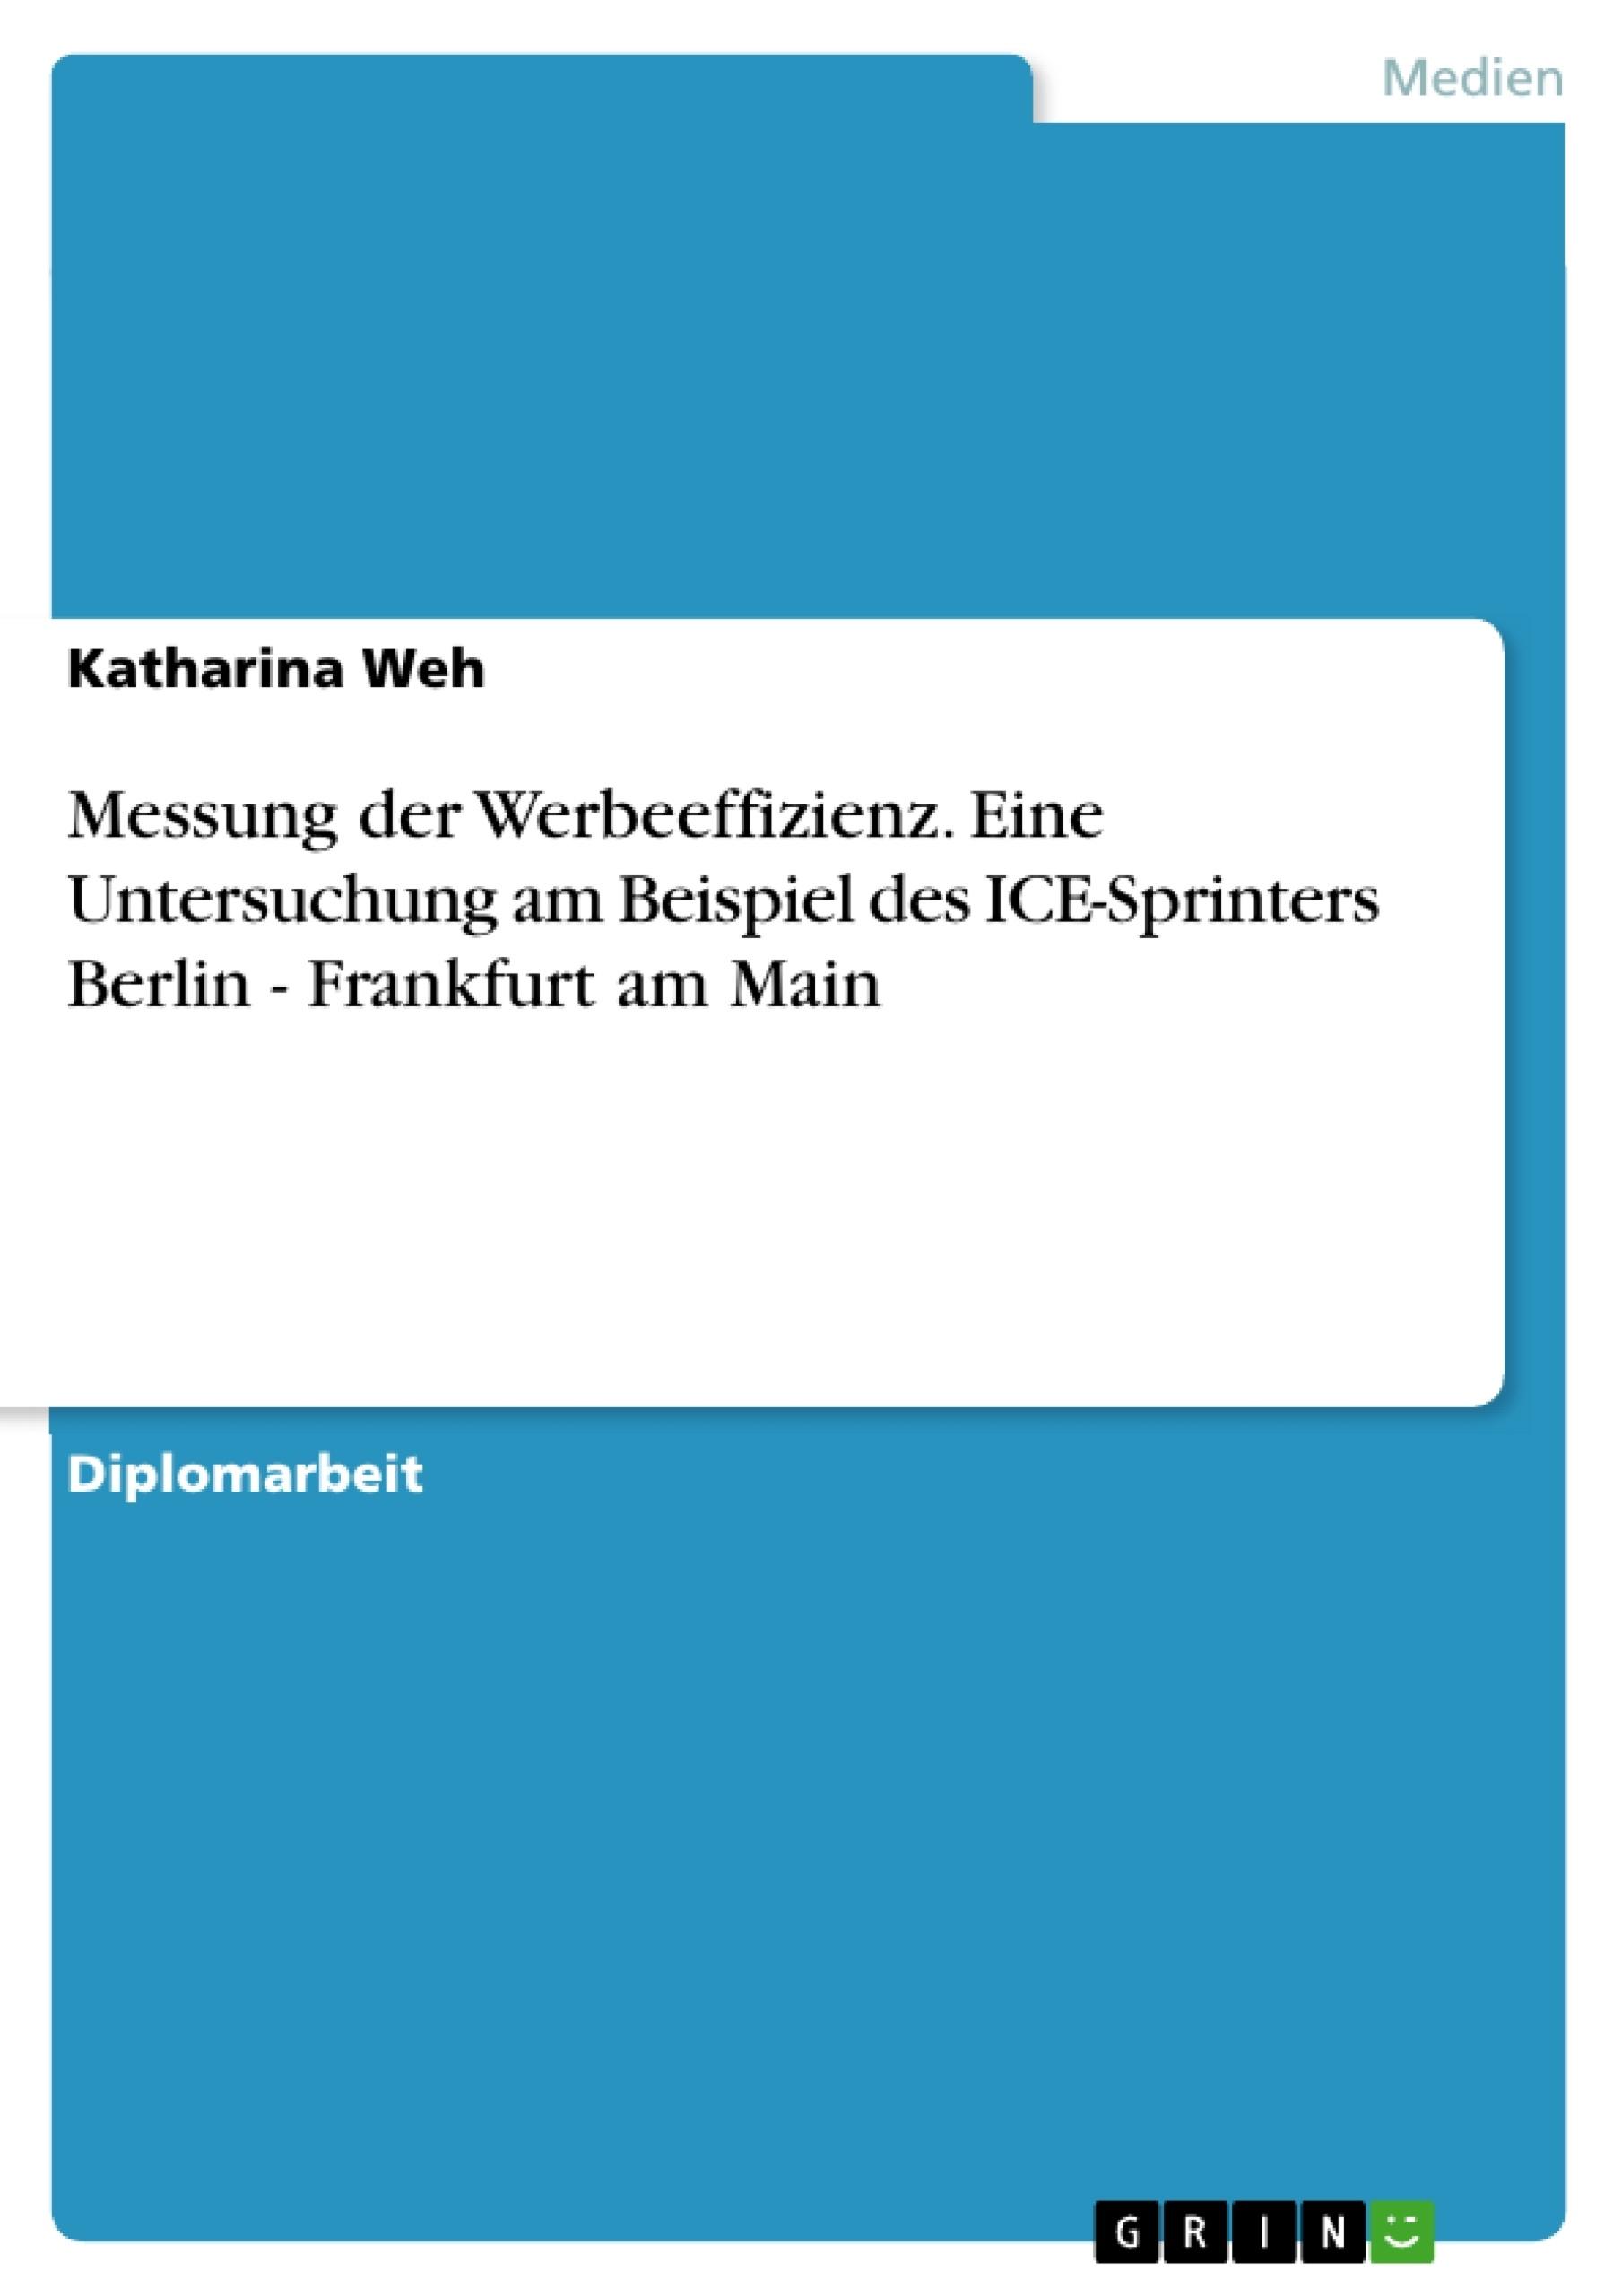 Titel: Messung der Werbeeffizienz. Eine Untersuchung am Beispiel des ICE-Sprinters Berlin - Frankfurt am Main